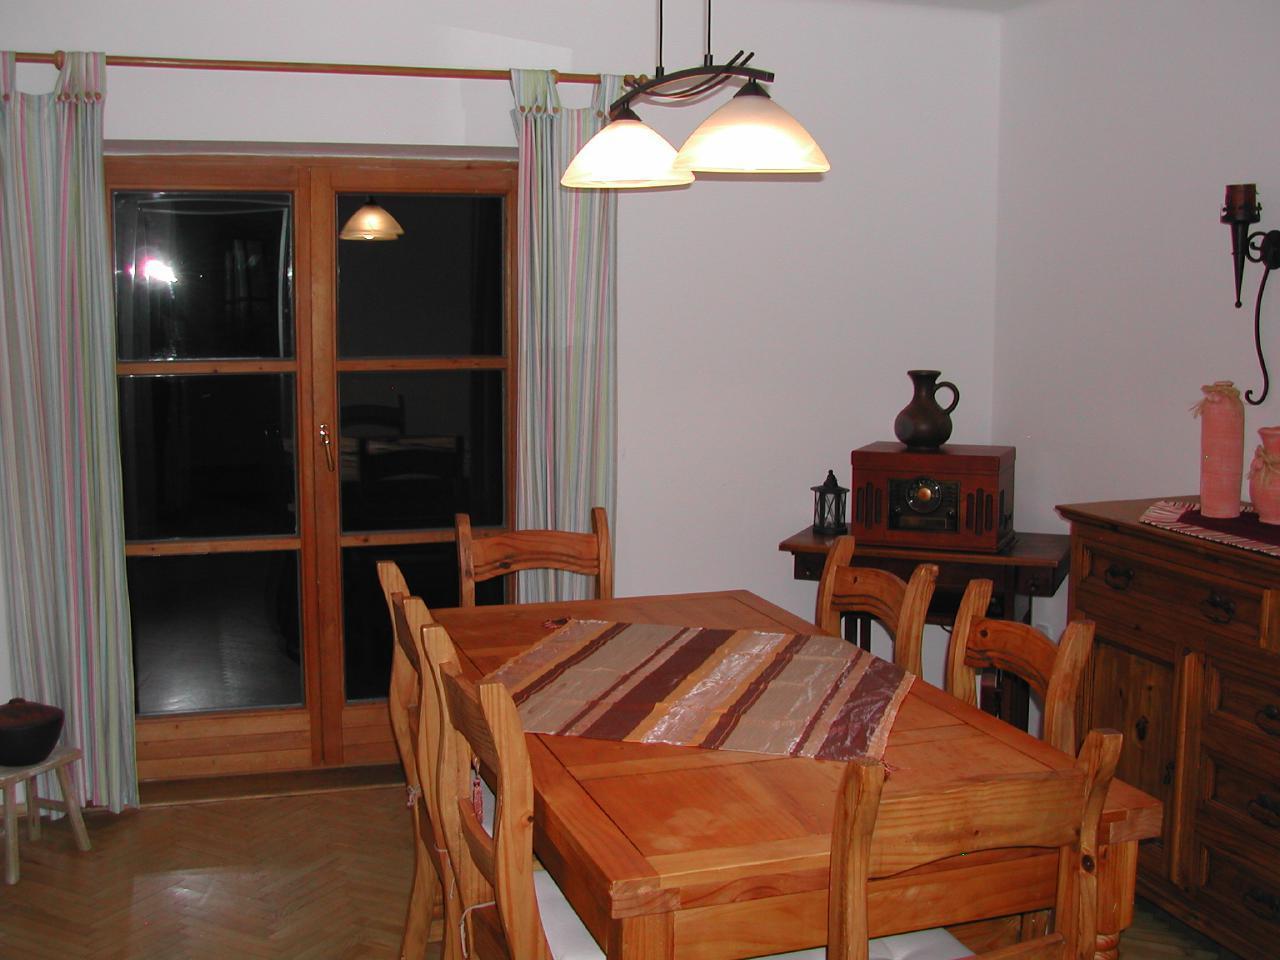 Maison de vacances Gemütliches Ferienhaus in traumhafter Lage (866360), Lofer, Pinzgau, Salzbourg, Autriche, image 8